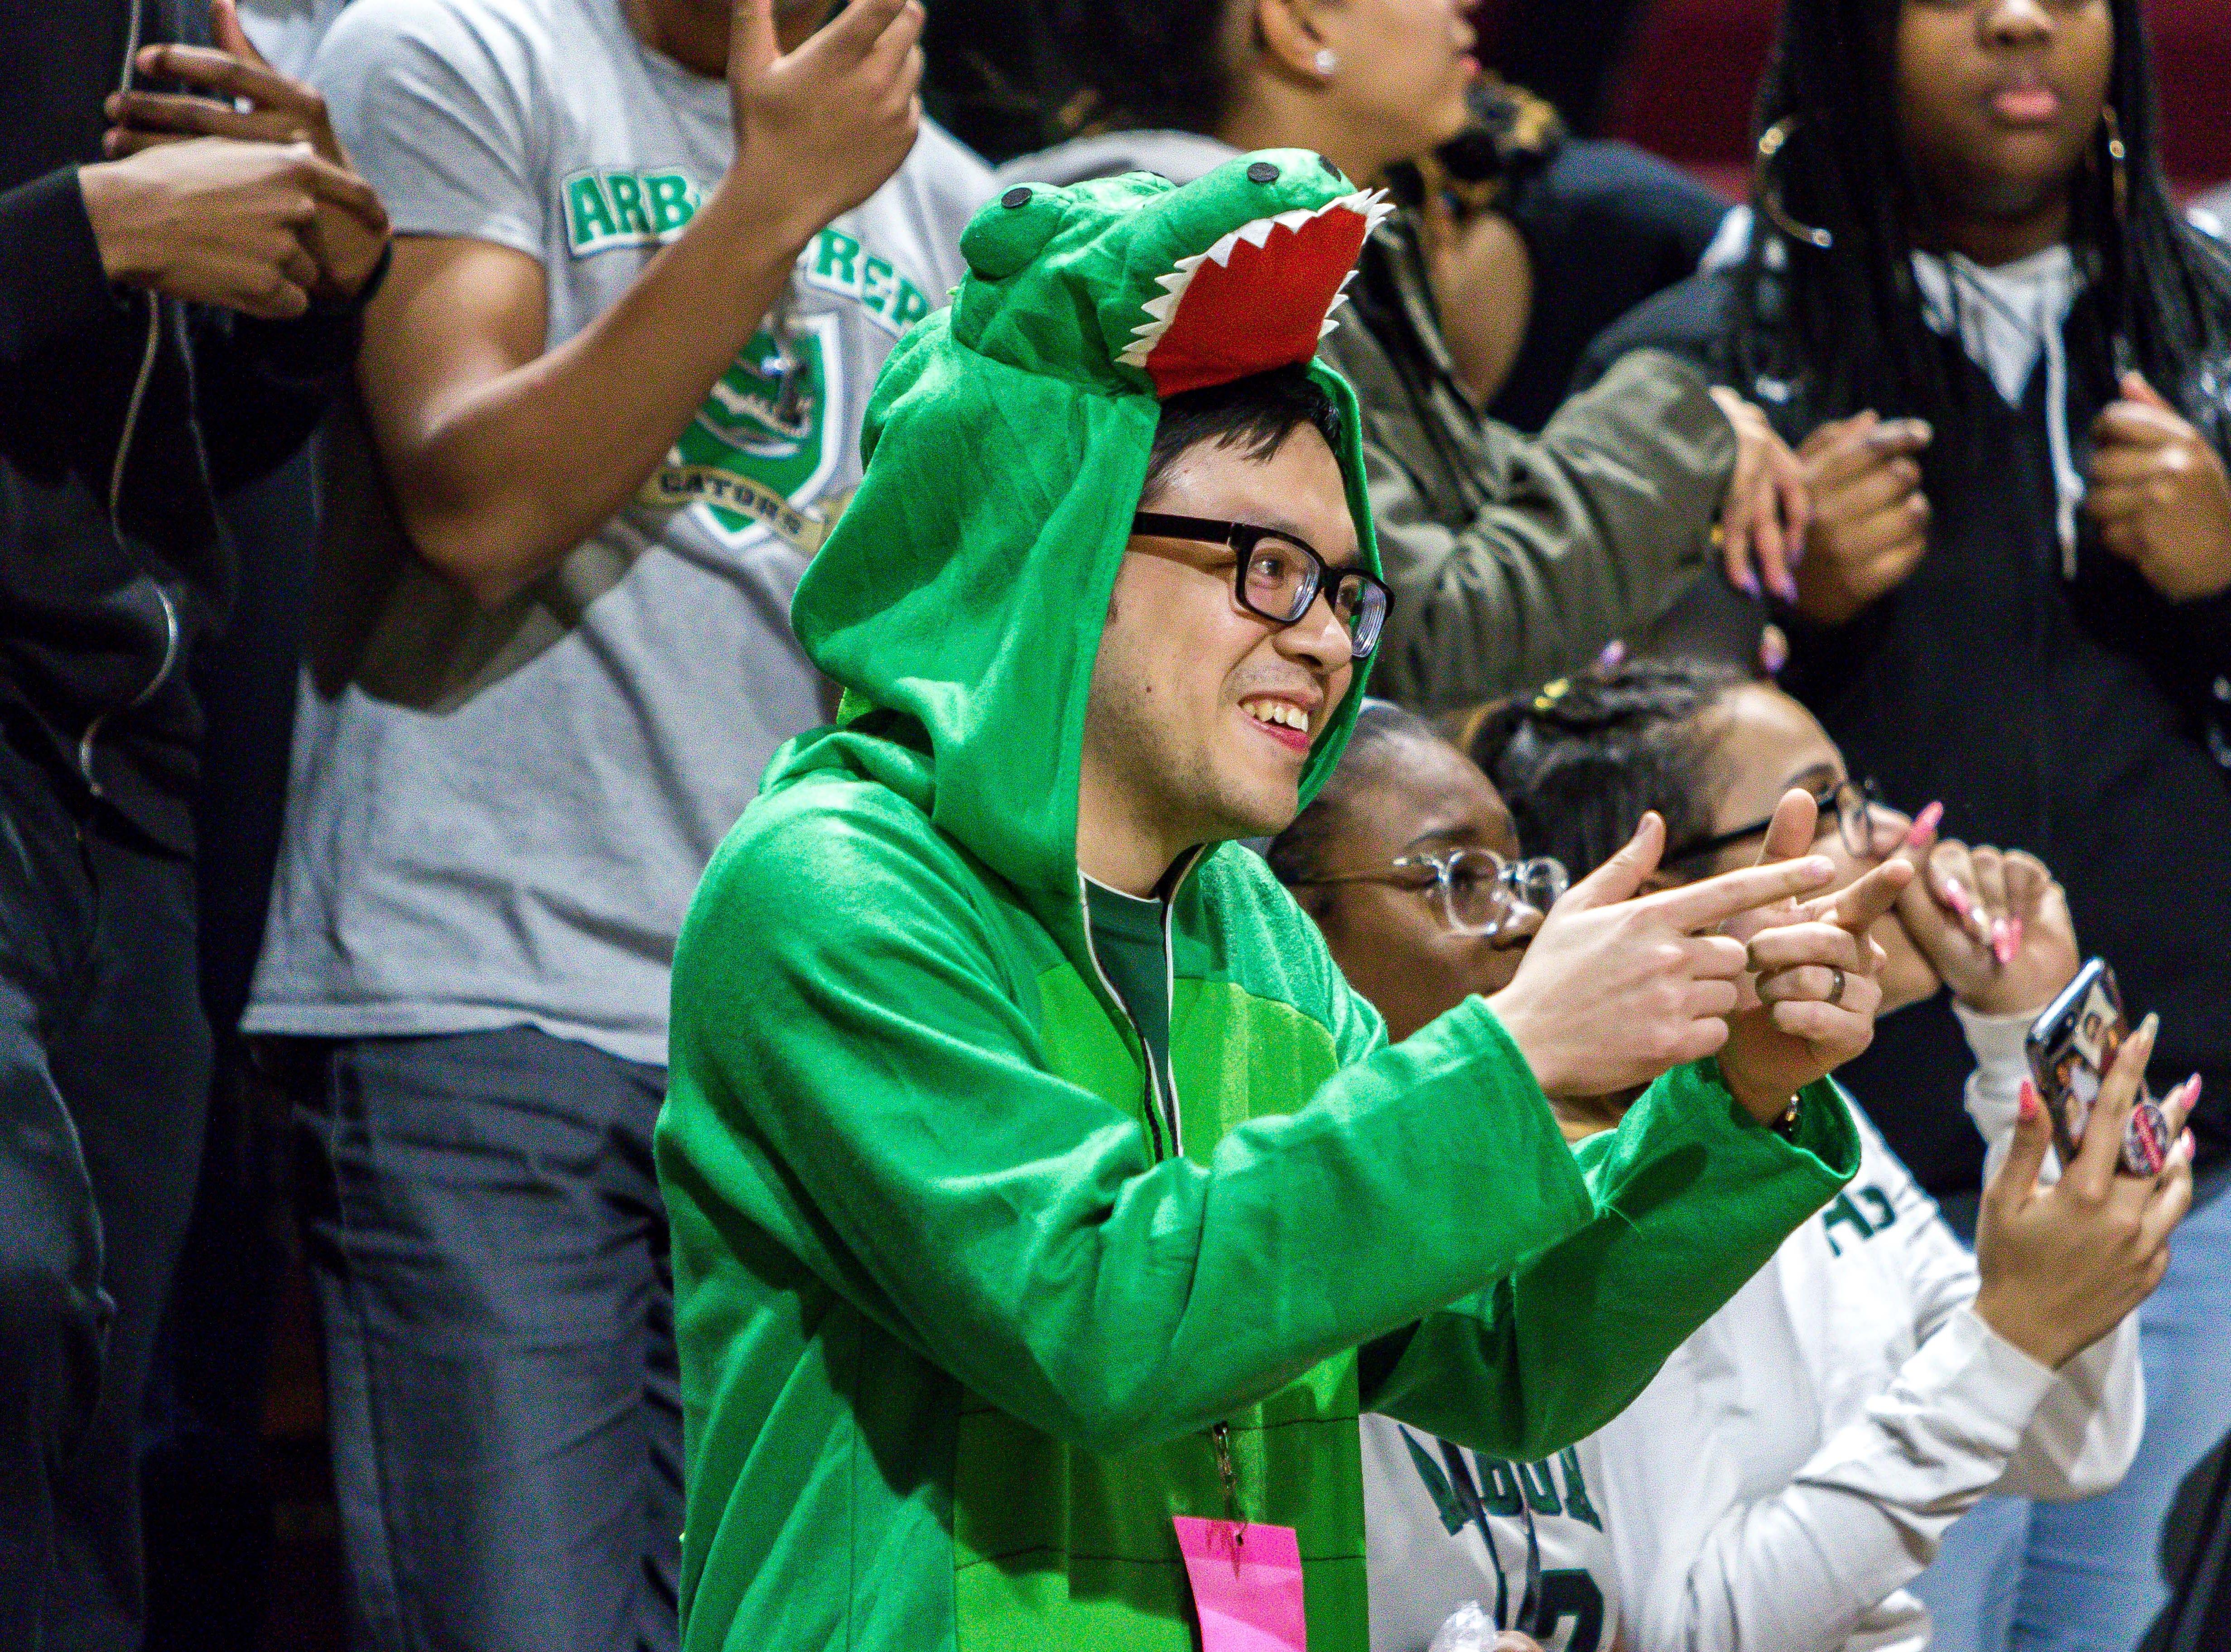 Ypsilanti Arbor Prep's Gator's mascot reacts late in the fourth quarter.